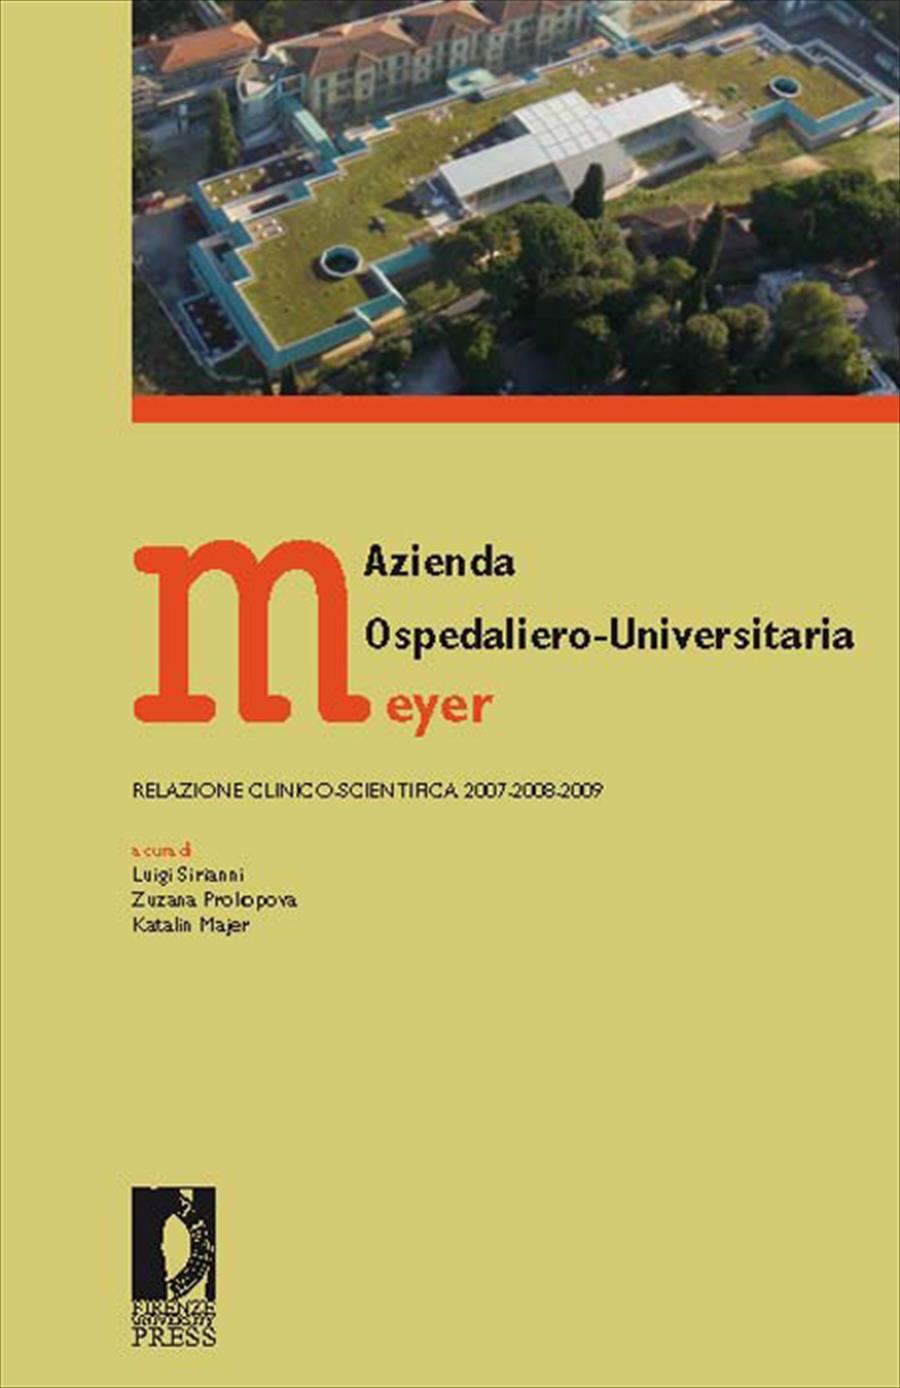 Azienda Ospedaliero-Universitaria Meyer. Relazione Clinico-Scientifica 2007-2008-2009